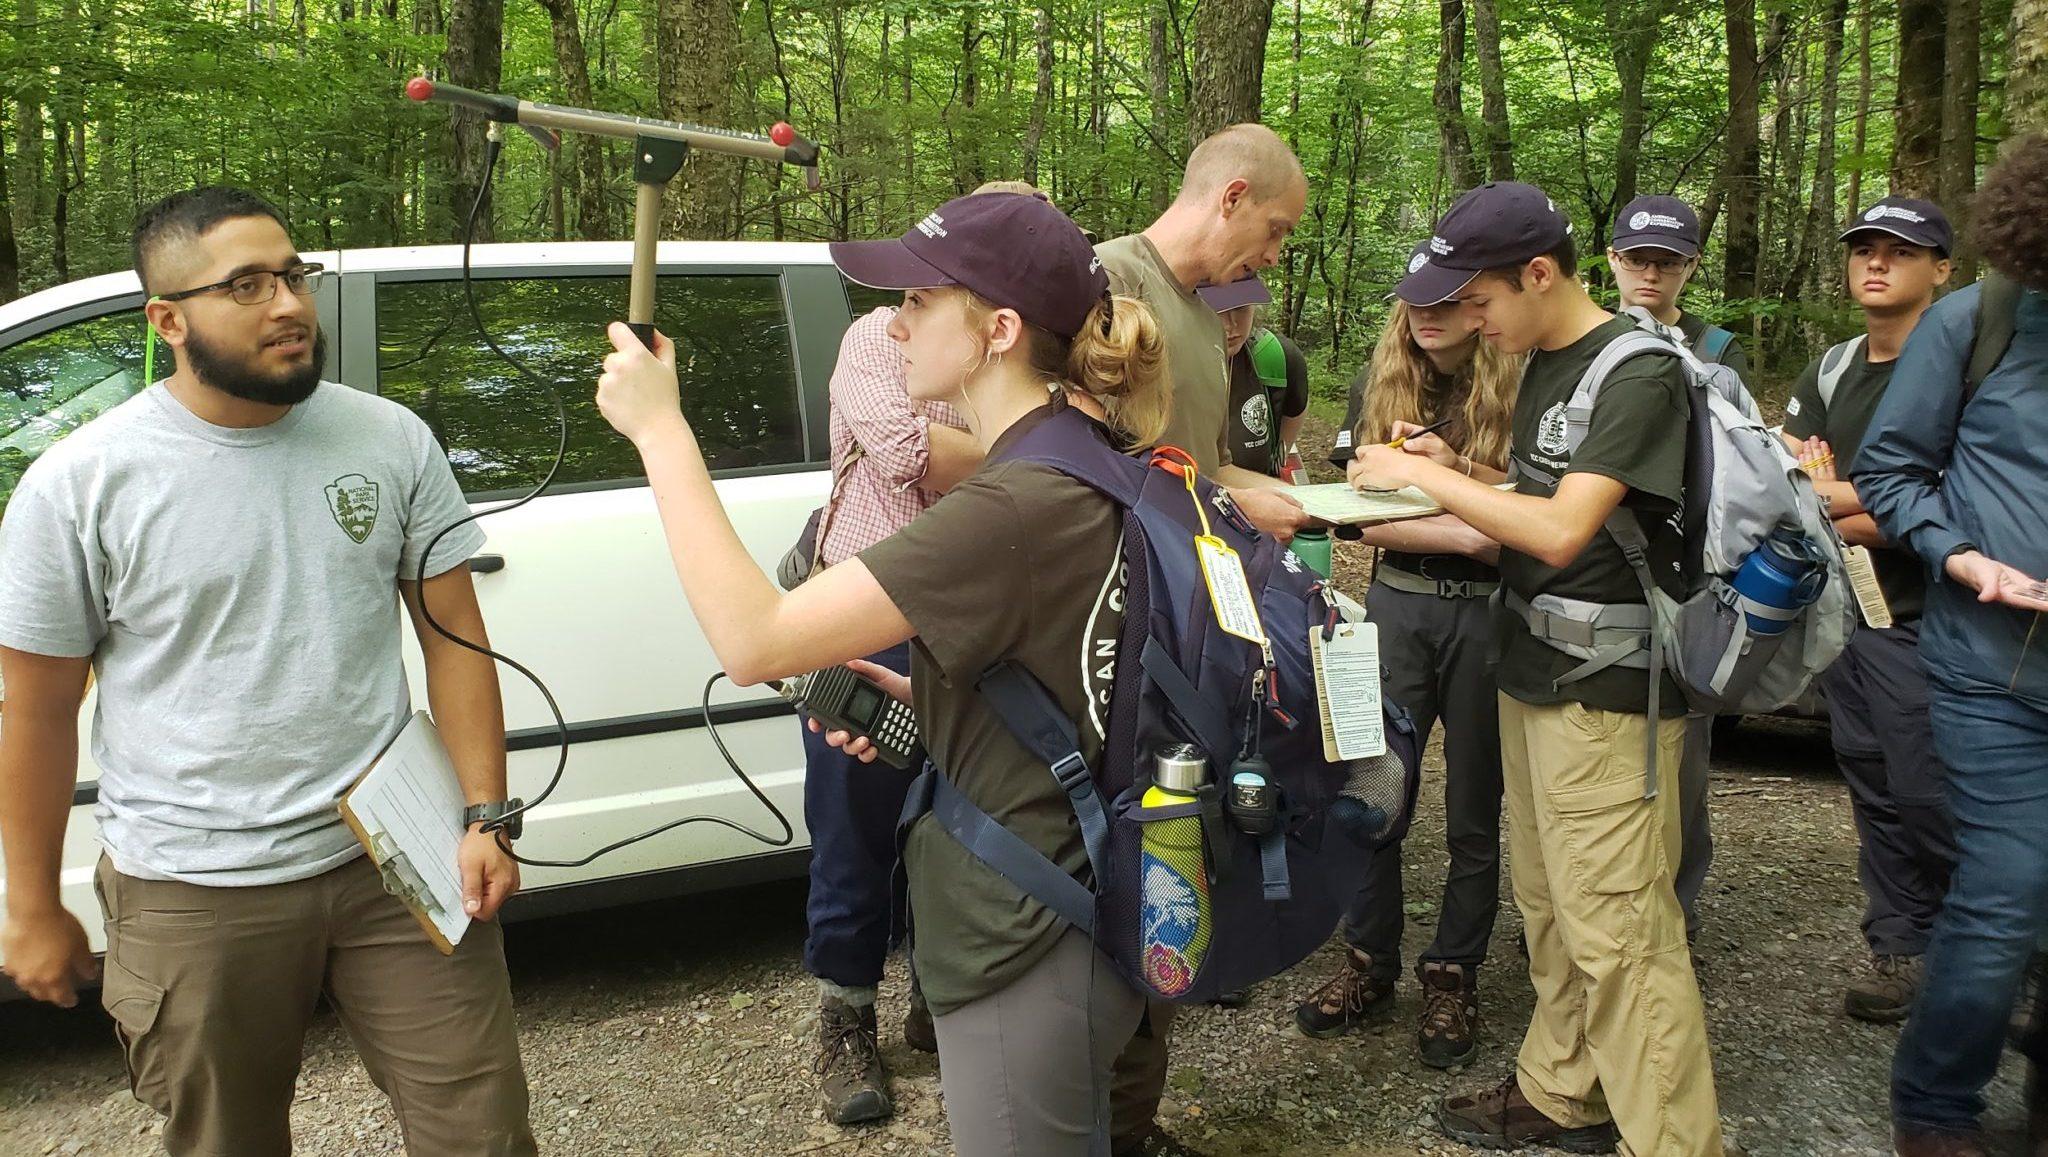 interns using telemetry equipment